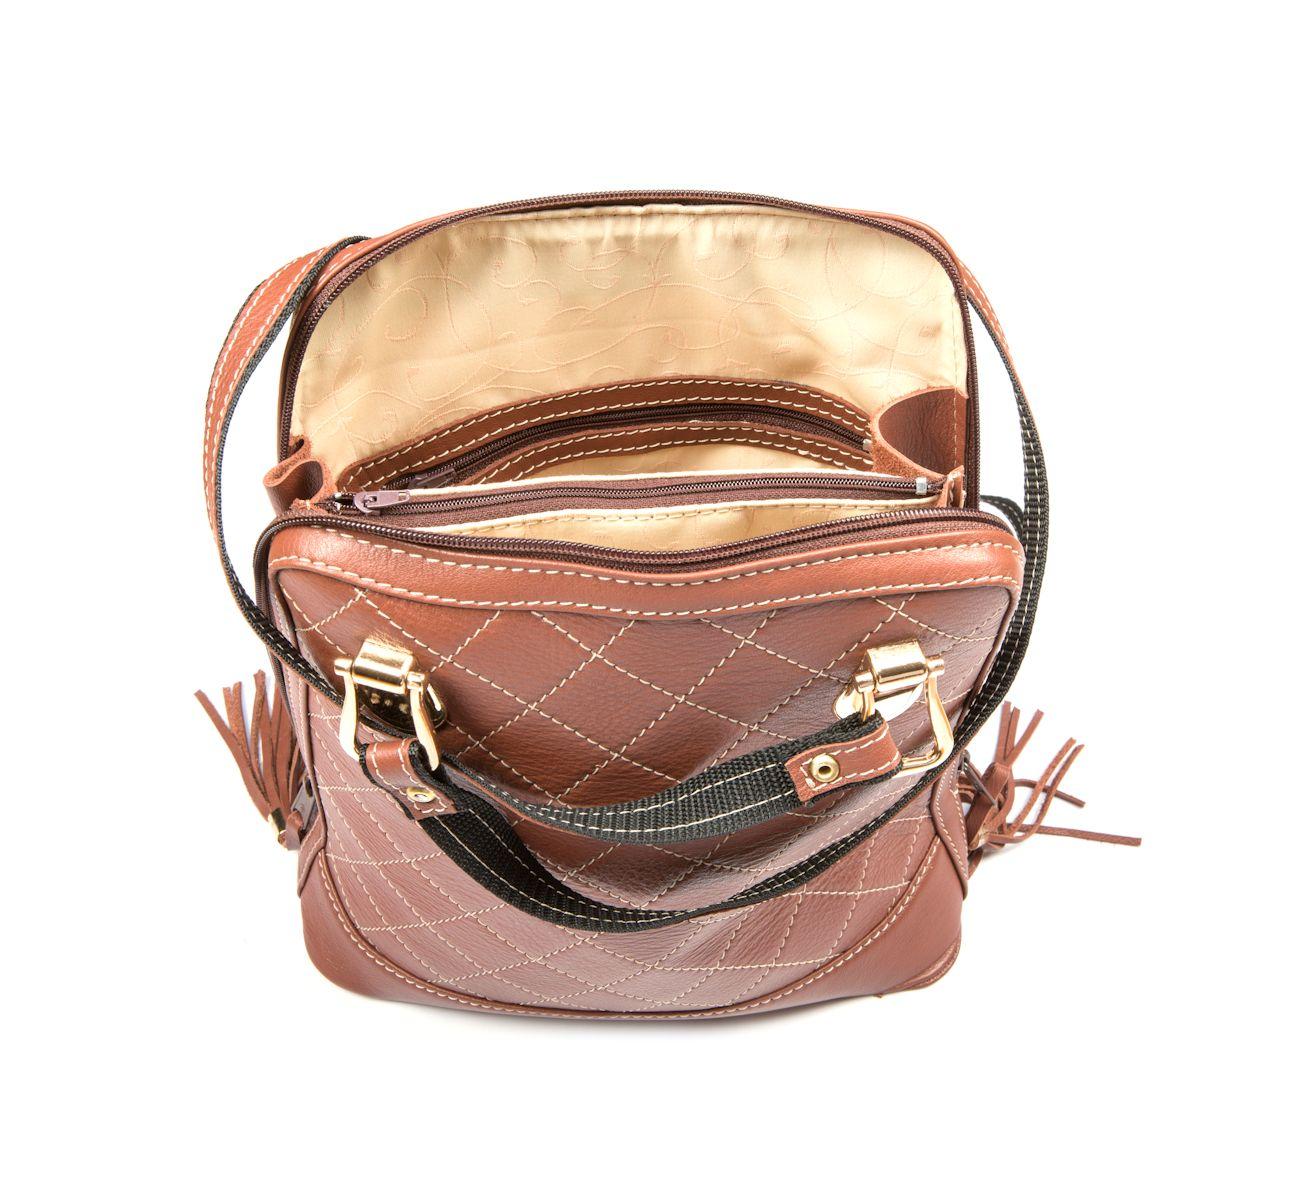 07082b312c Dámsky luxusný ruksak vyrobený z kože vo farbách